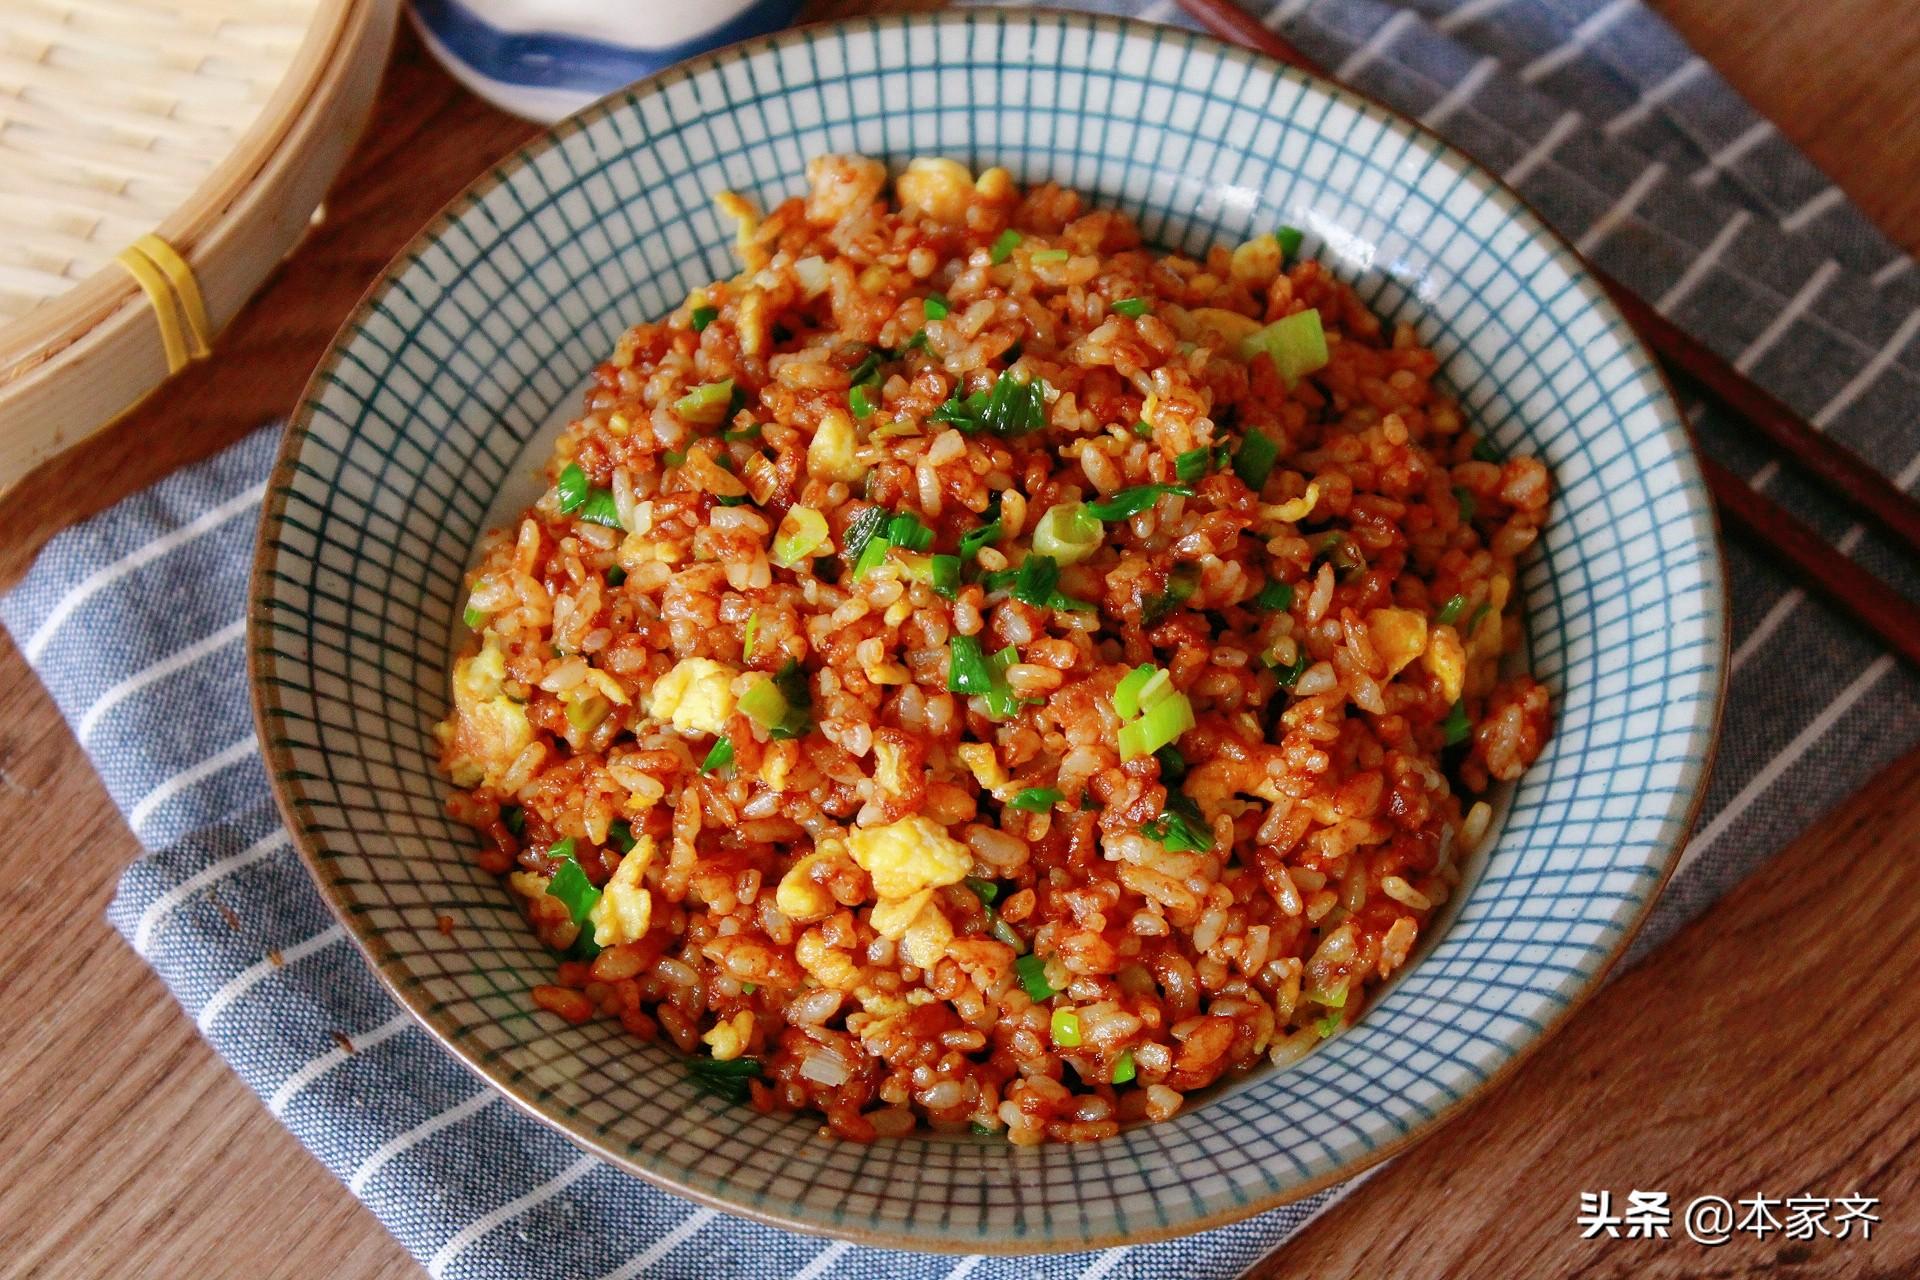 比扬州炒饭还好吃的炒米饭,粒粒松散,香气四溢,好吃到舔盘